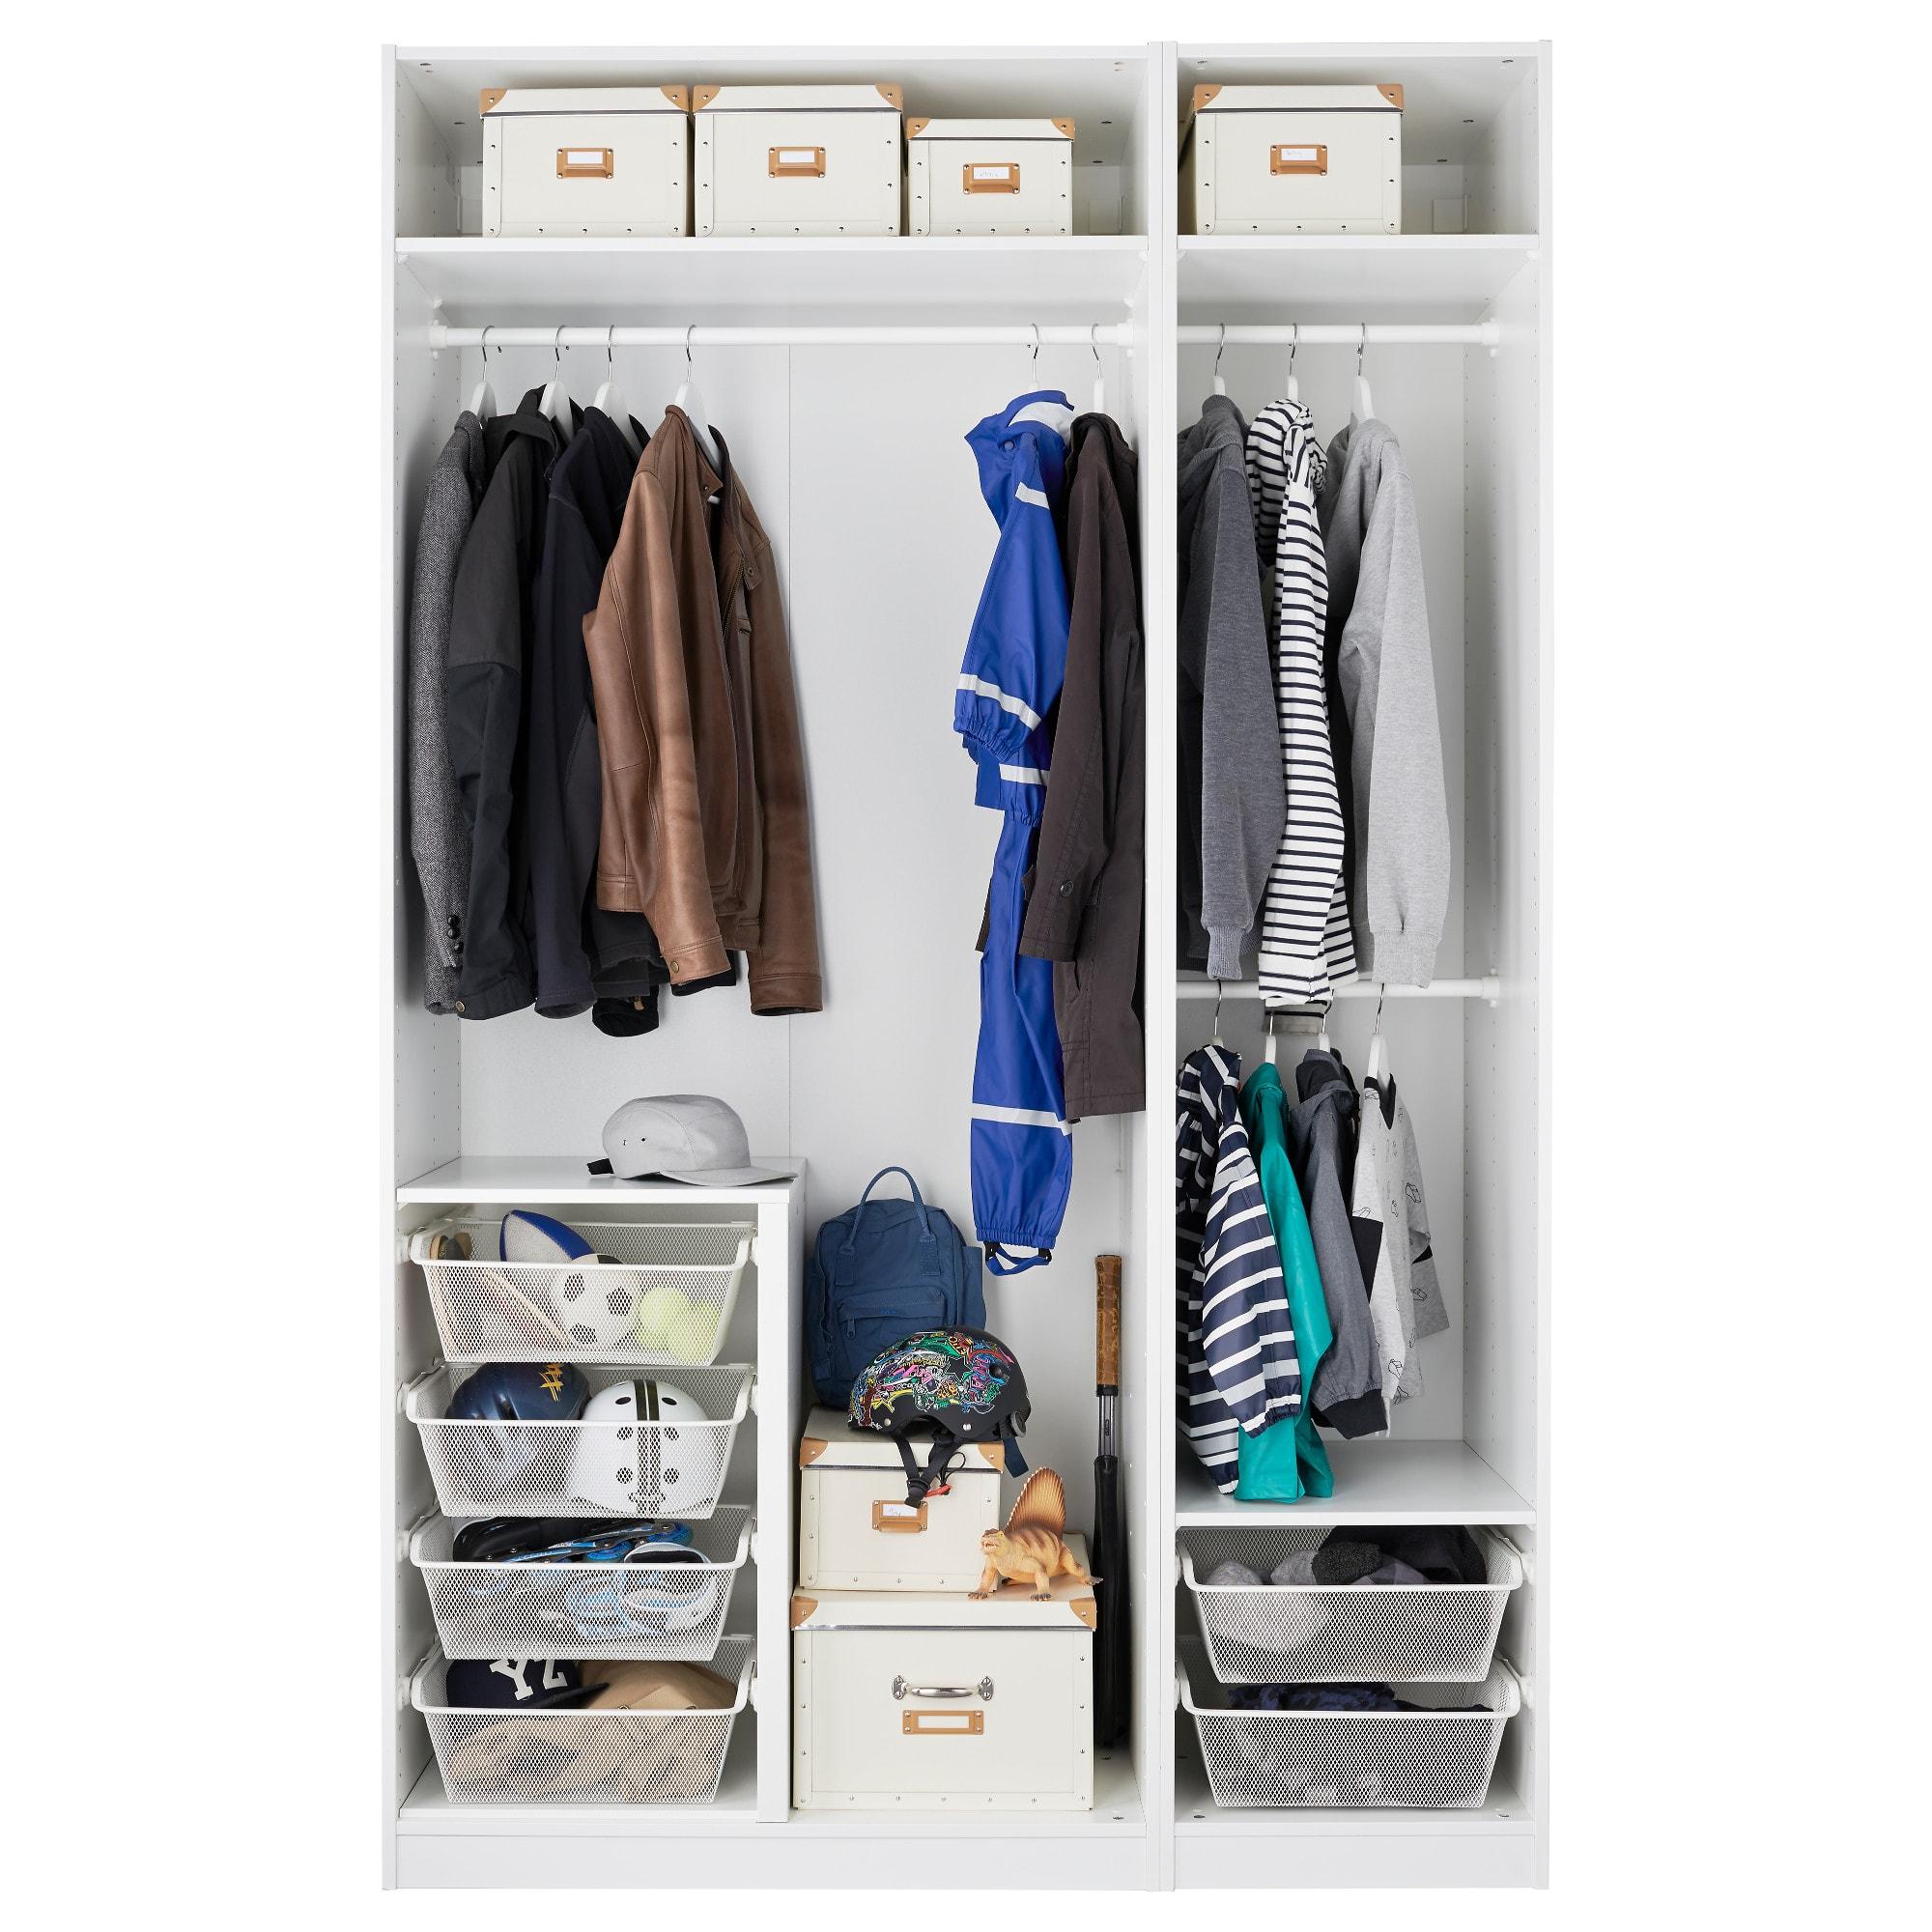 Wunderbar Schrank Ohne Türen Sammlung Von Ikea Kleiderschrank Vergleich ᐅ Überblick Aller Kombinationsmöglichkeiten